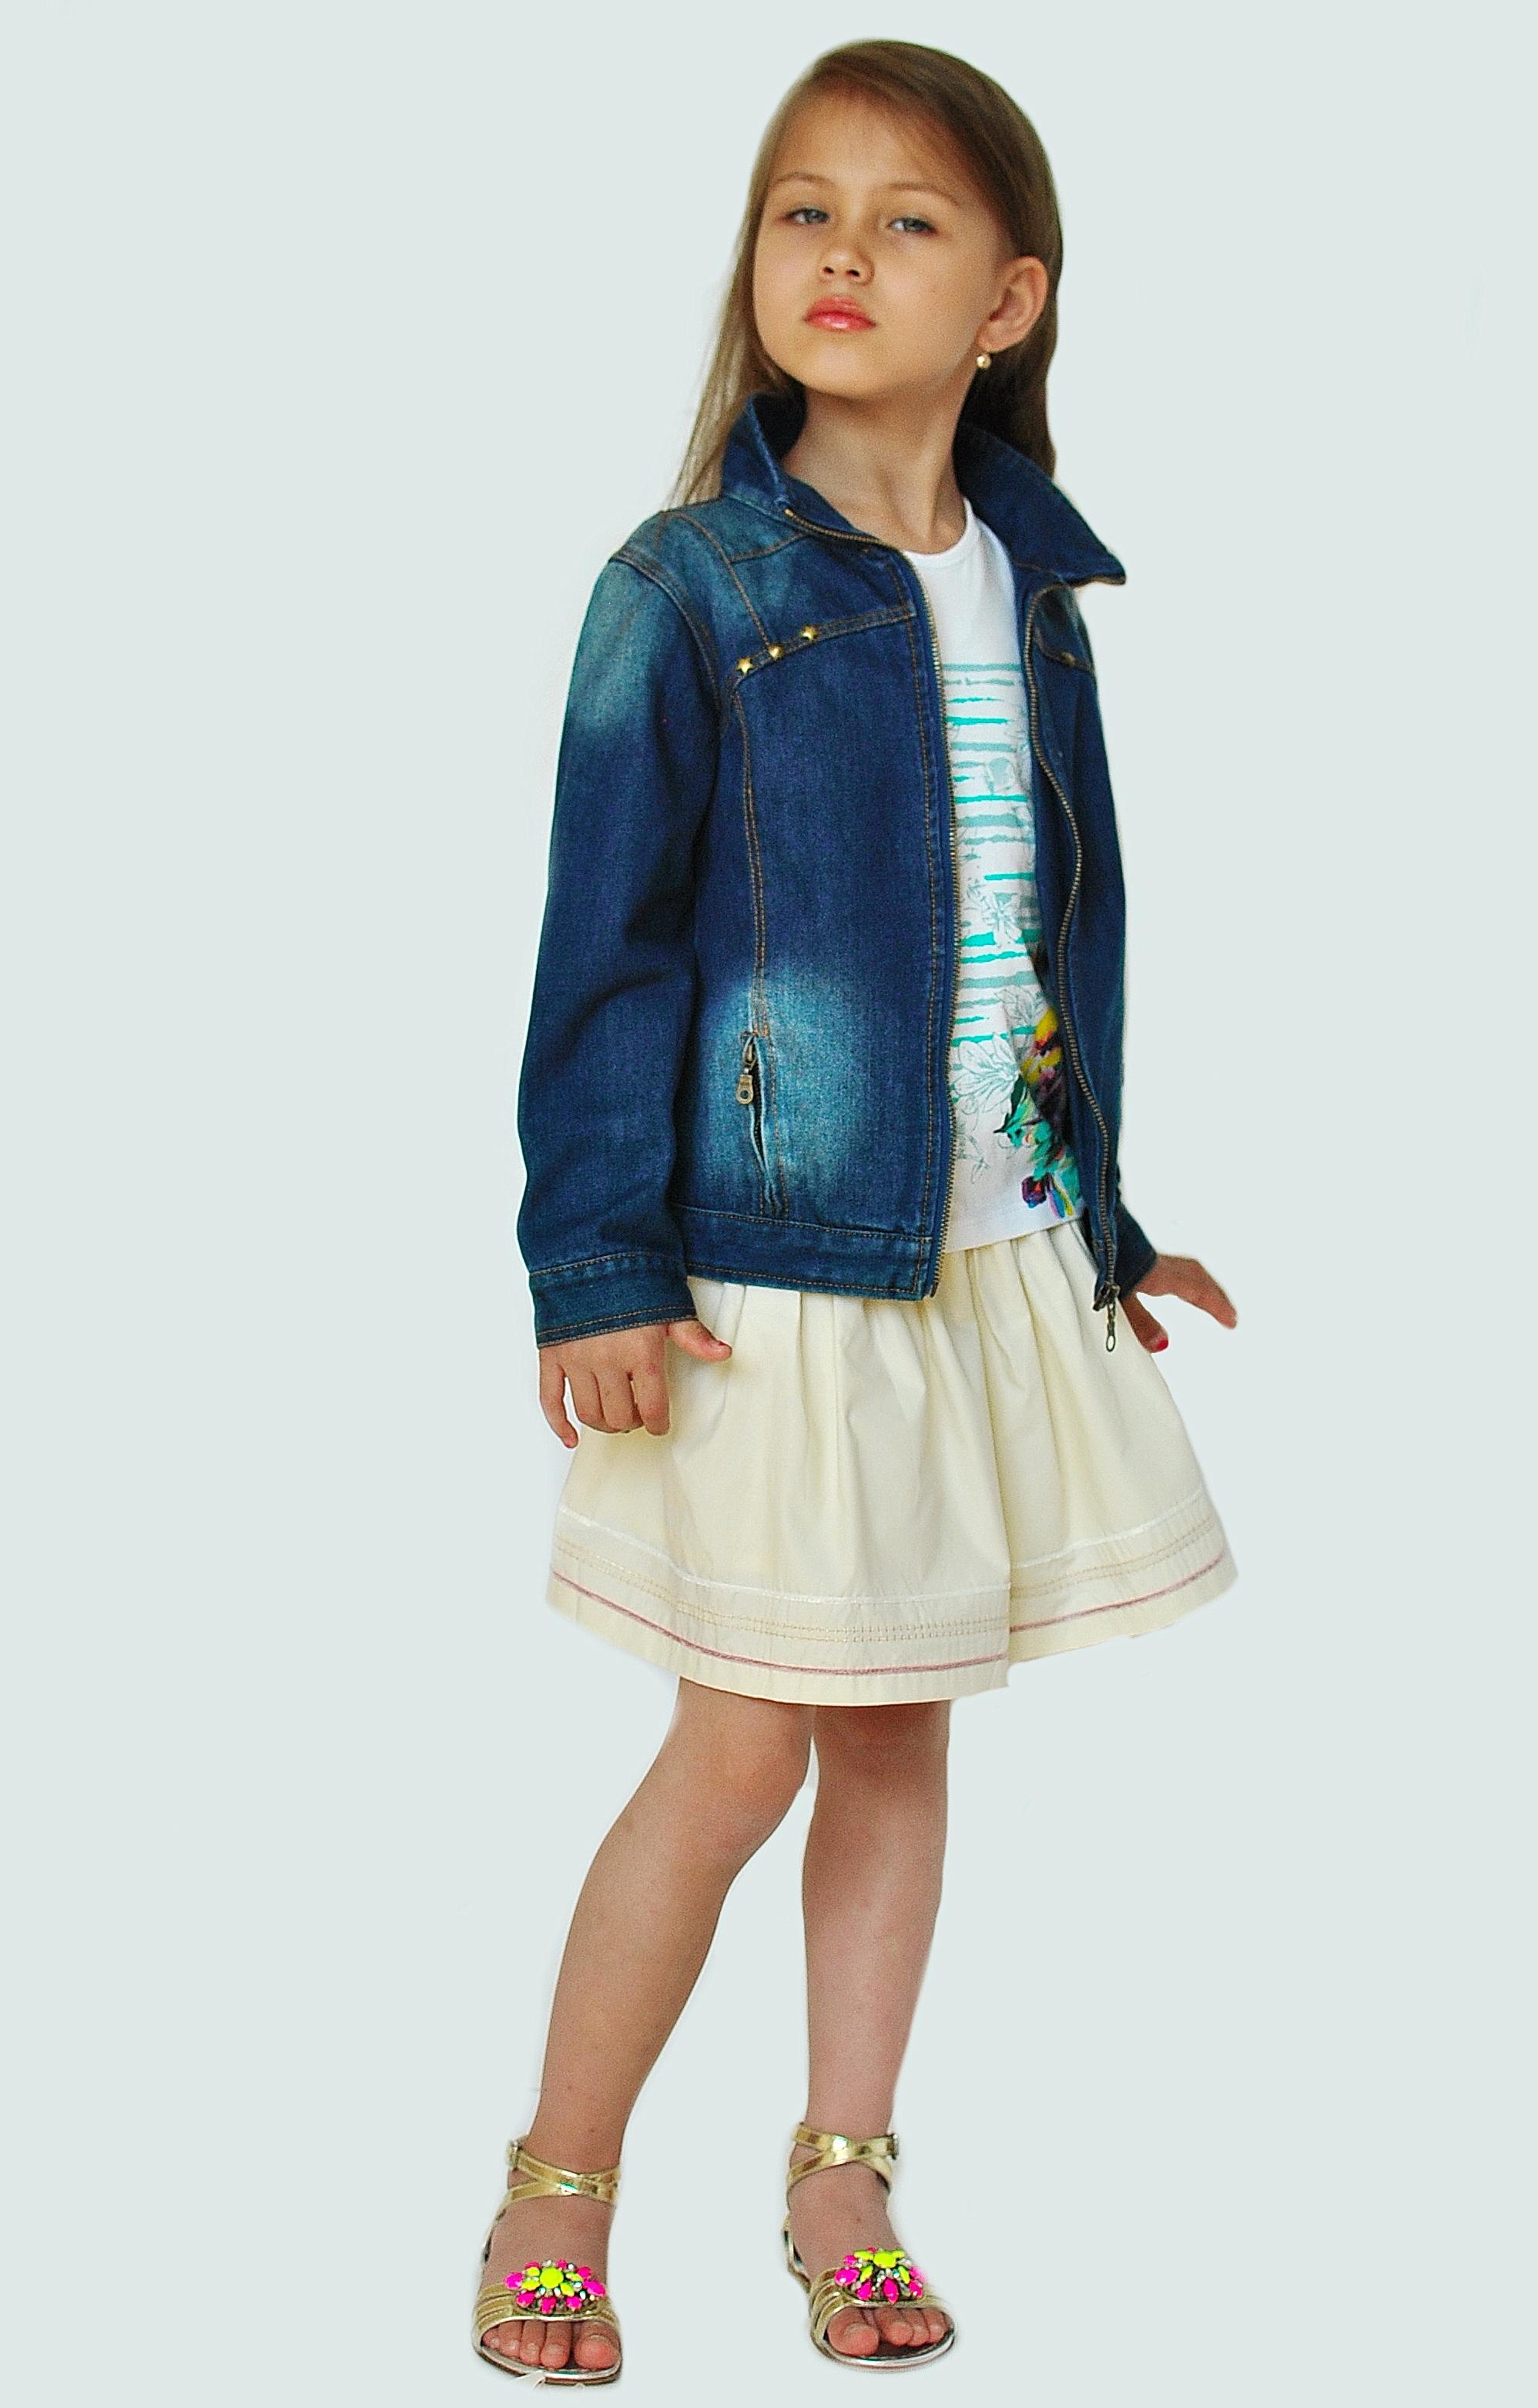 Фото: 1. Пиджак джинсовый Catimini для девочек